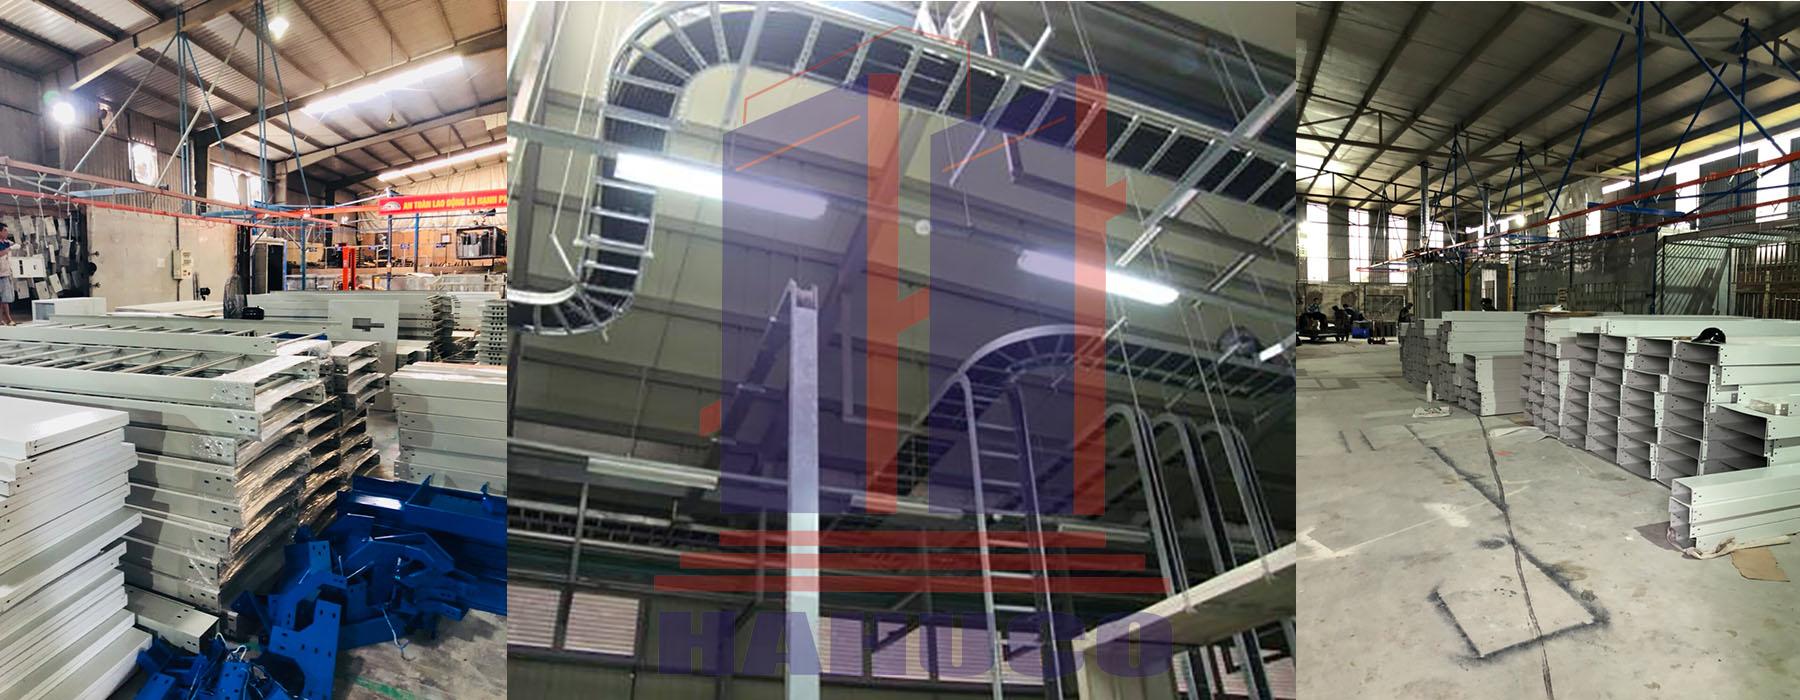 Thi công hệ thống thang máng cáp 3 lưu ý cần nắm rõ